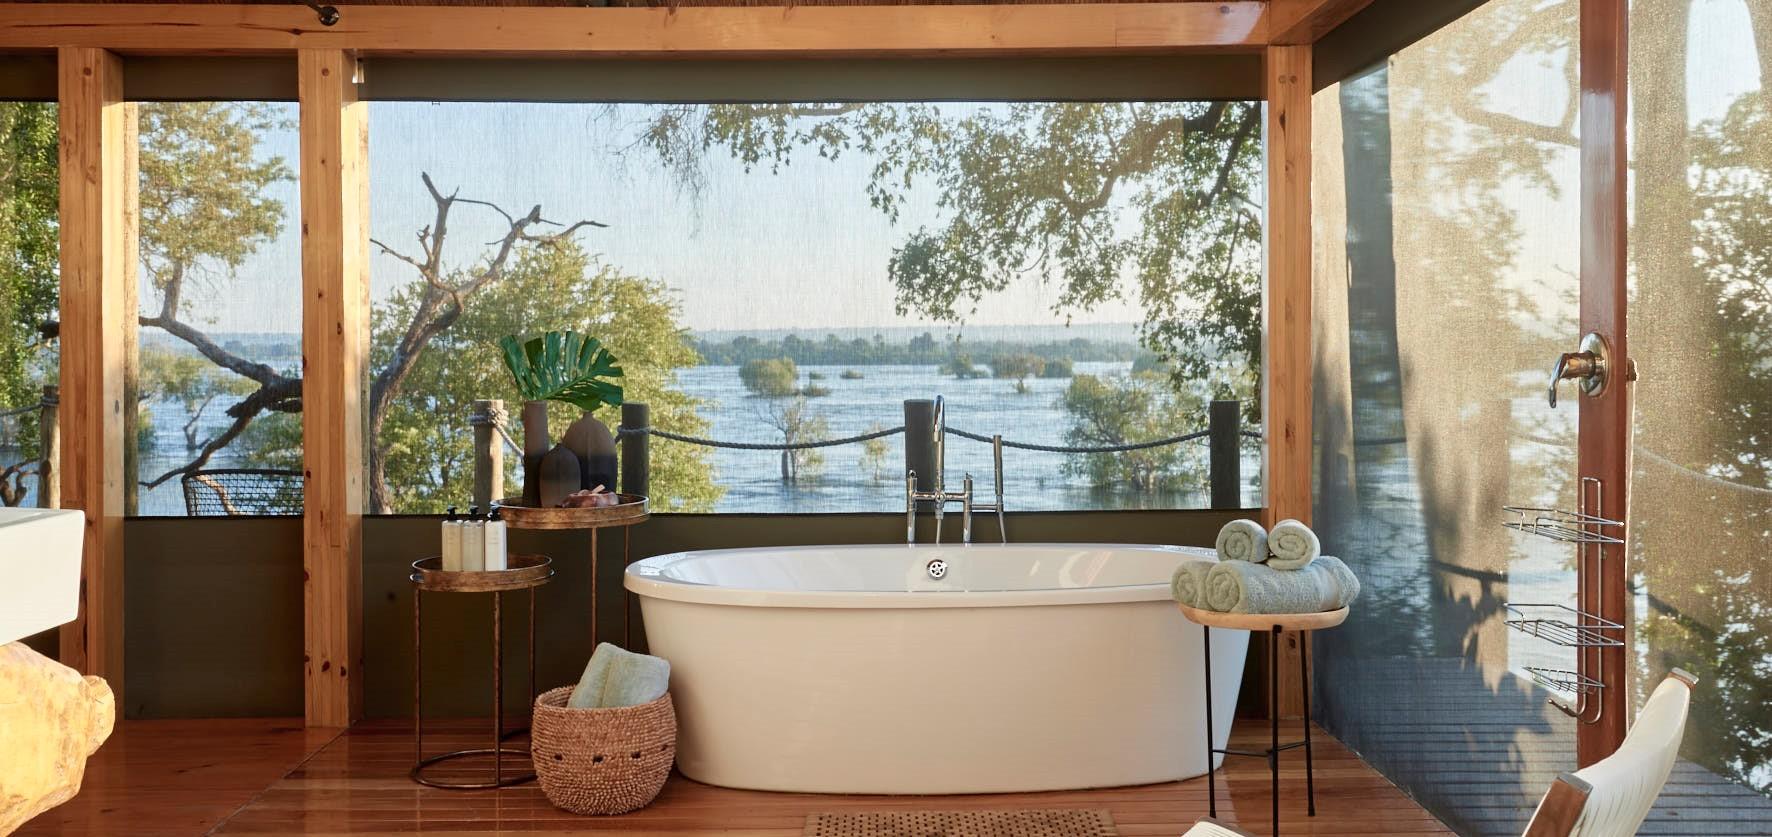 zambezi-river-lodge-luxury-bathroom